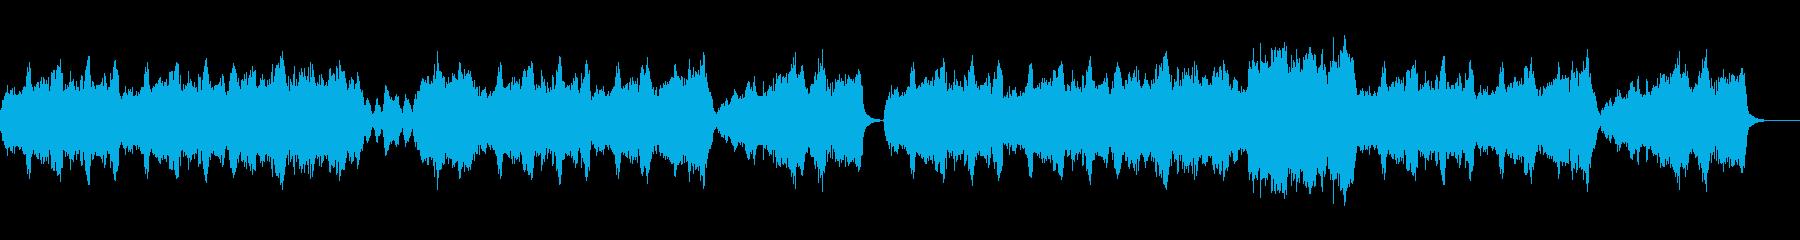 フォーマルで優雅なストリングスのワルツの再生済みの波形